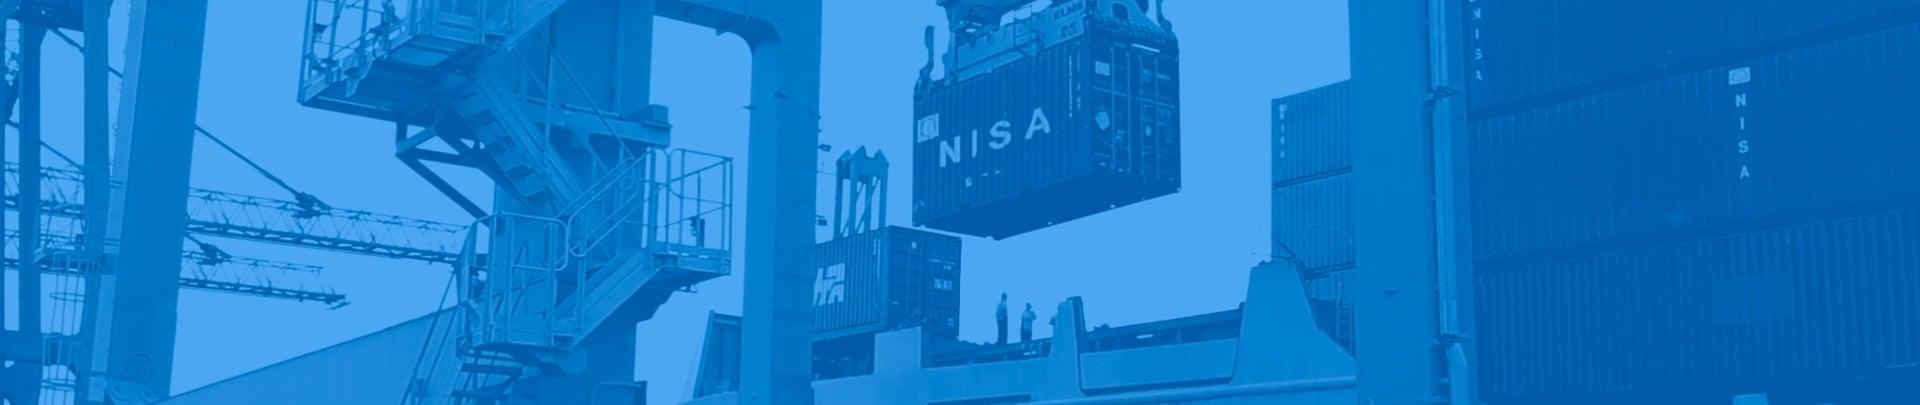 Soluciones Integrales Marítimas (SIM)